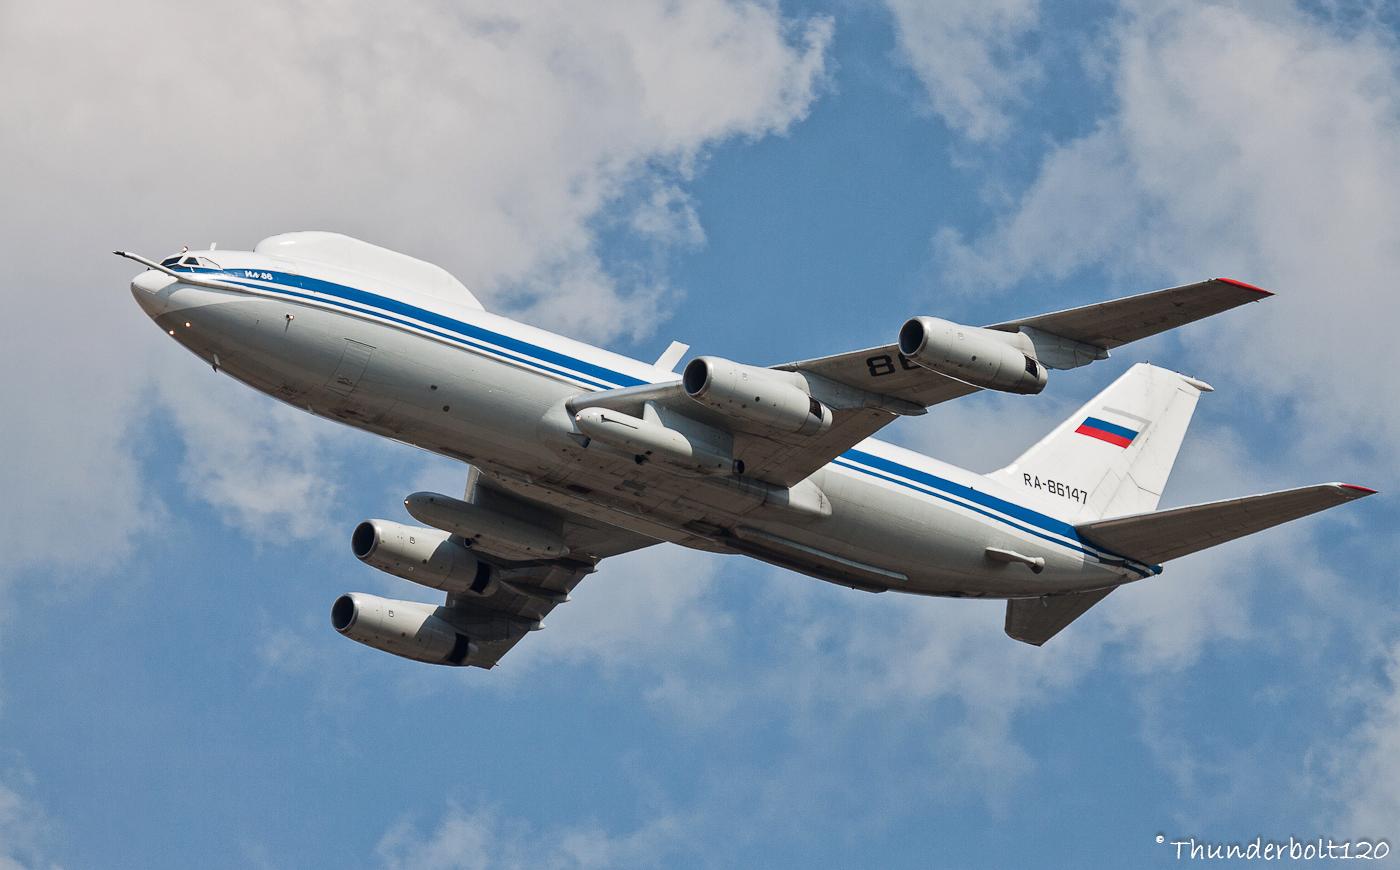 Ilyushin Il-87 Aimak RA-86147